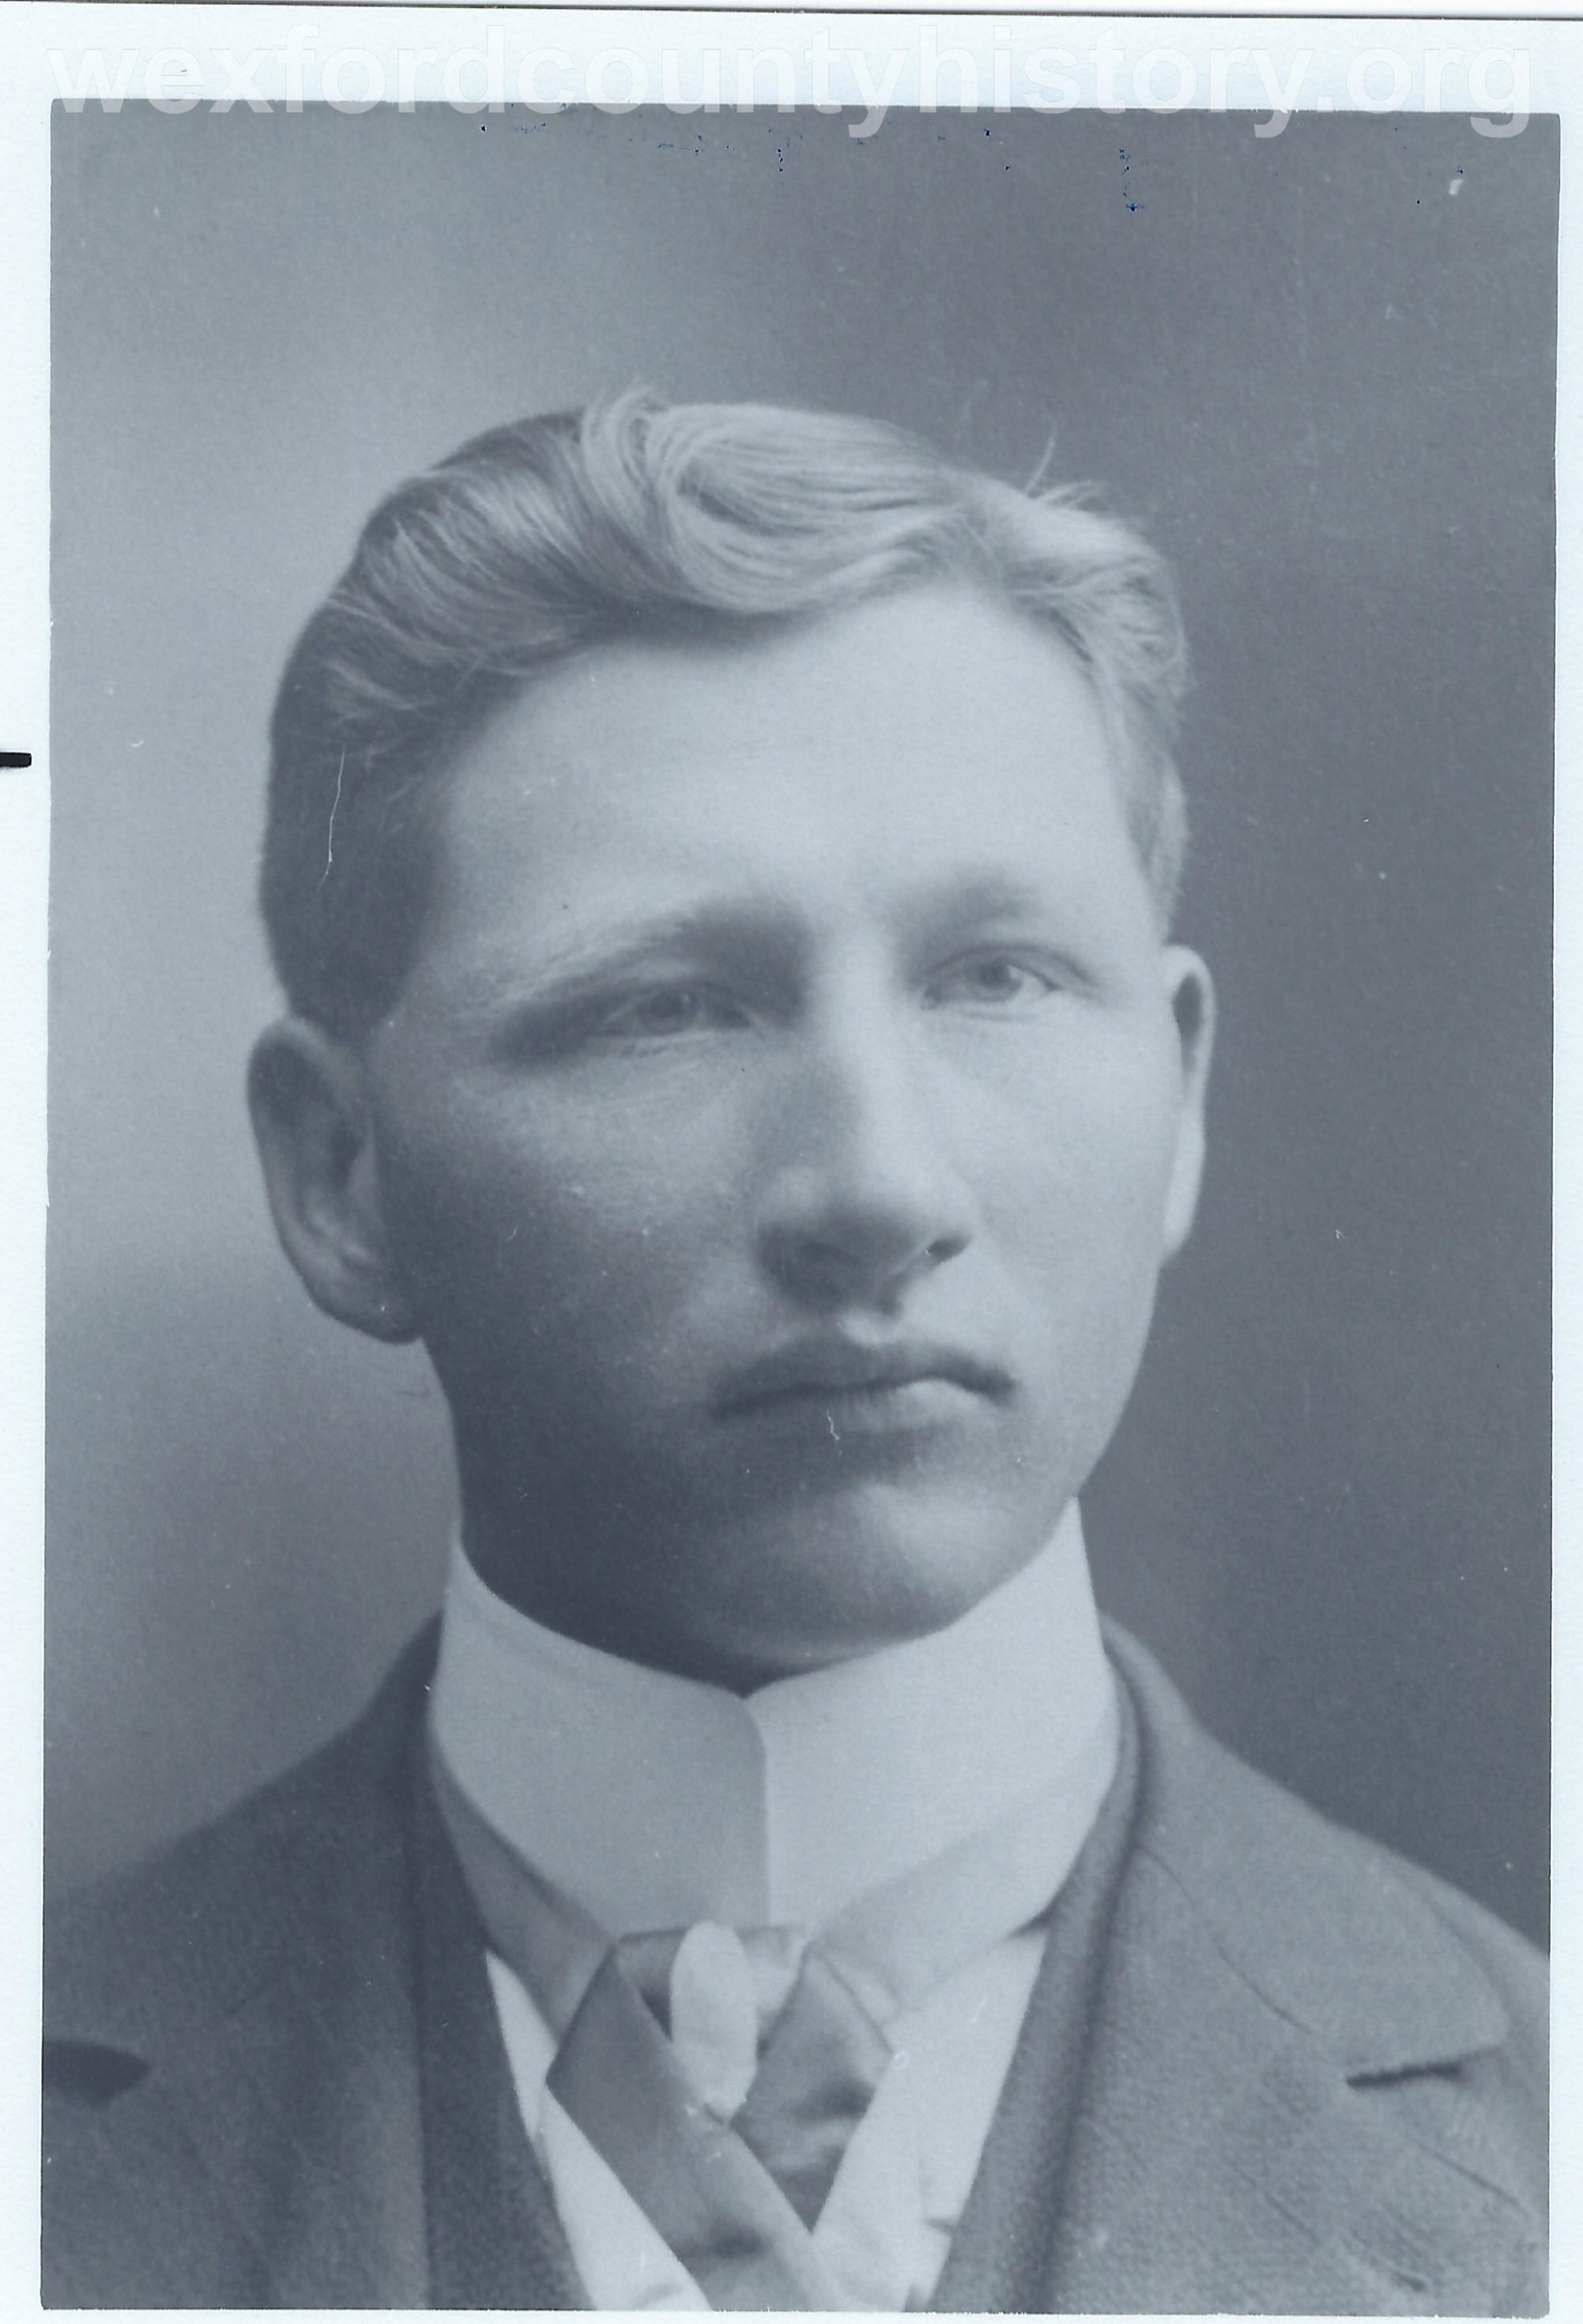 William Eggly